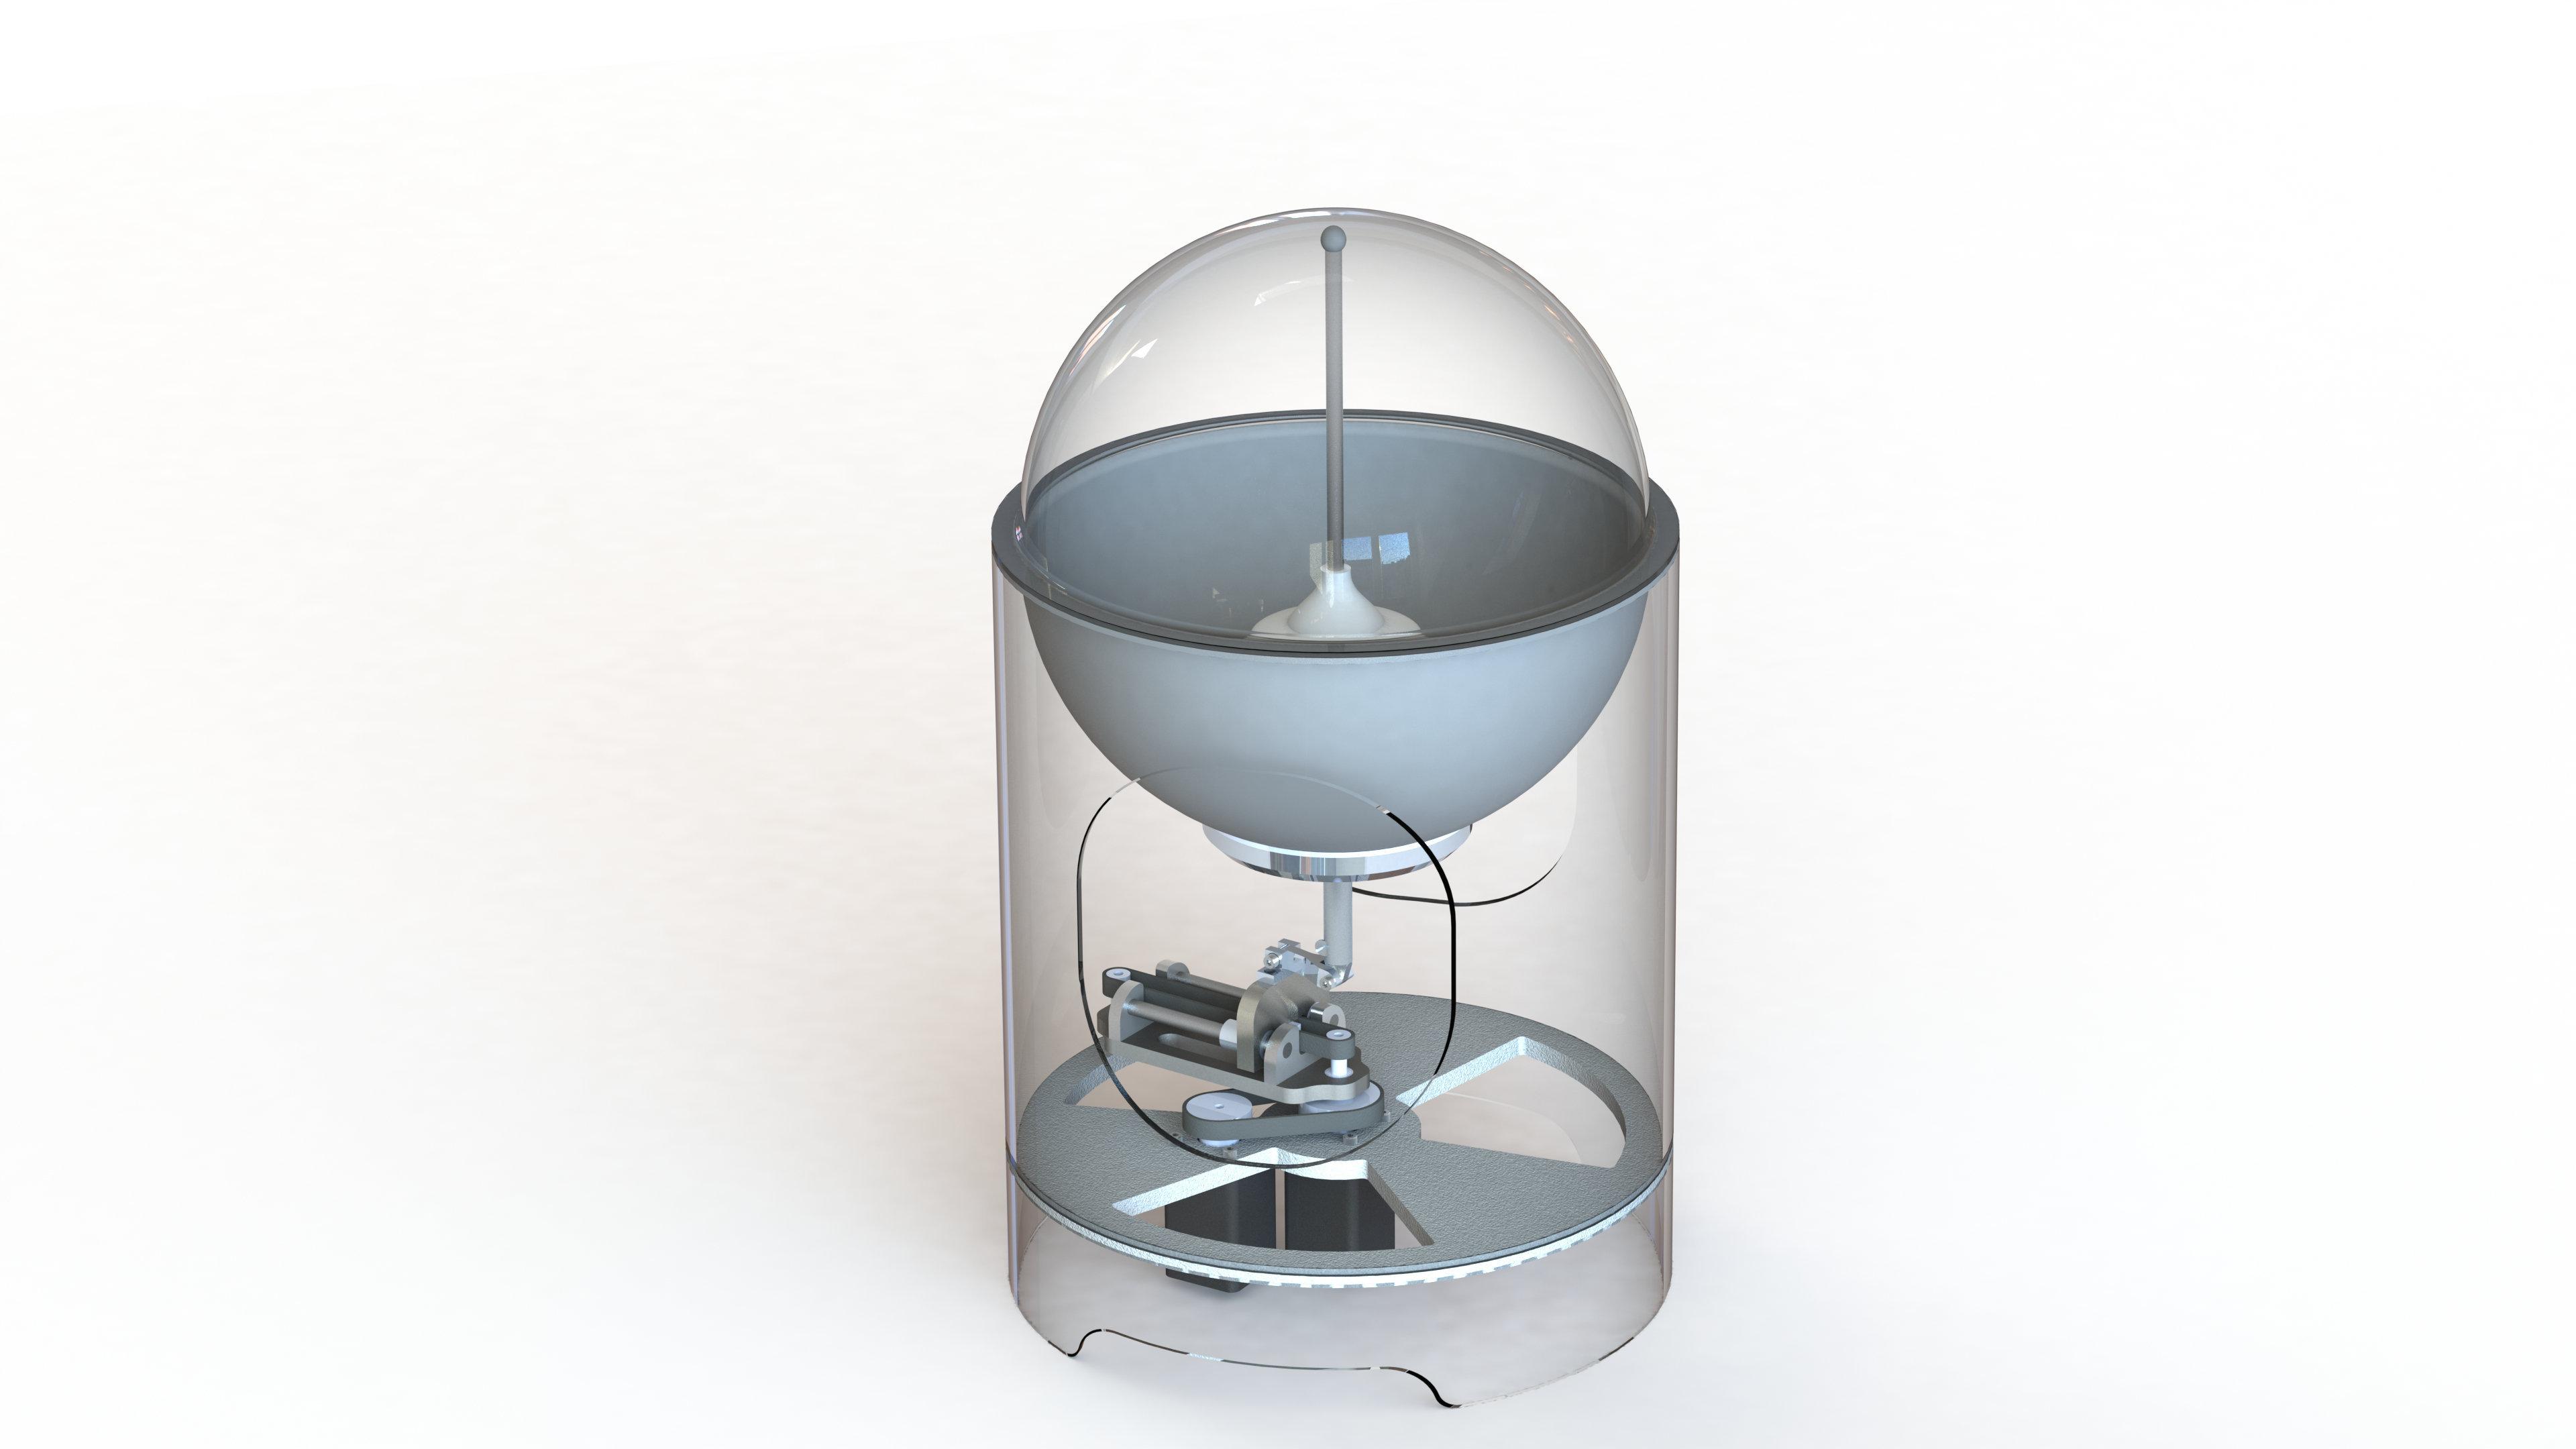 Modelo del equipo hídrico universal que permite garantizar la calidad metrológica de equipos de radioterapia